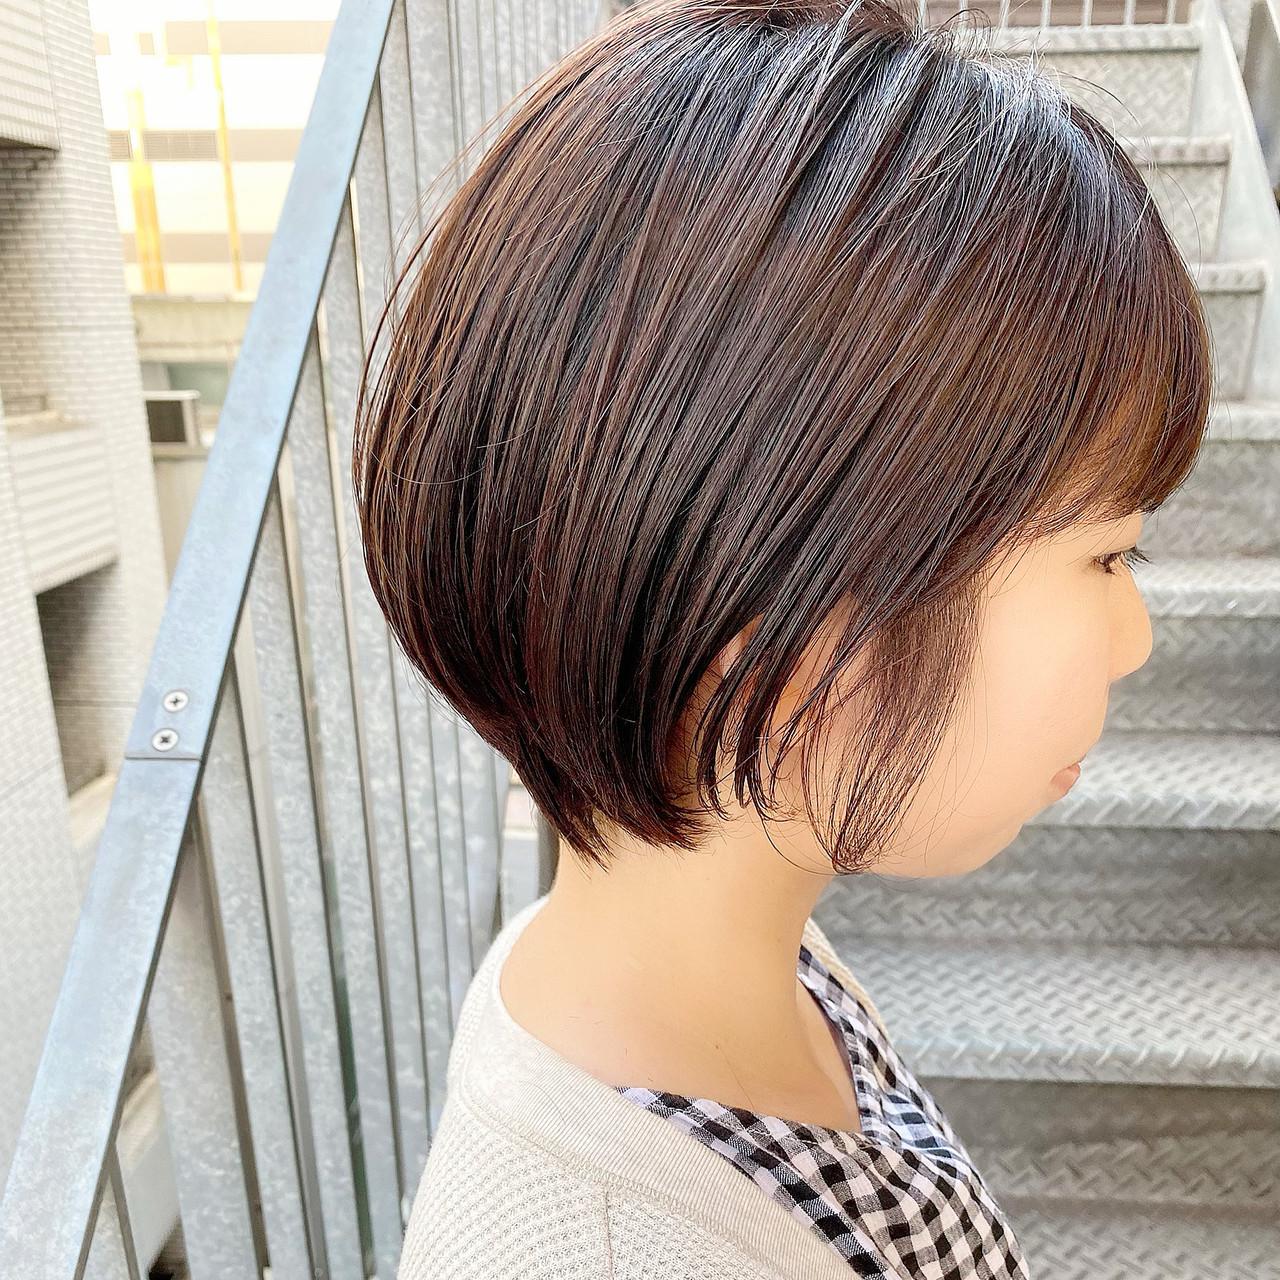 ショート ショートヘア オフィス ナチュラル ヘアスタイルや髪型の写真・画像 | 大人可愛い【ショート・ボブが得意】つばさ / VIE